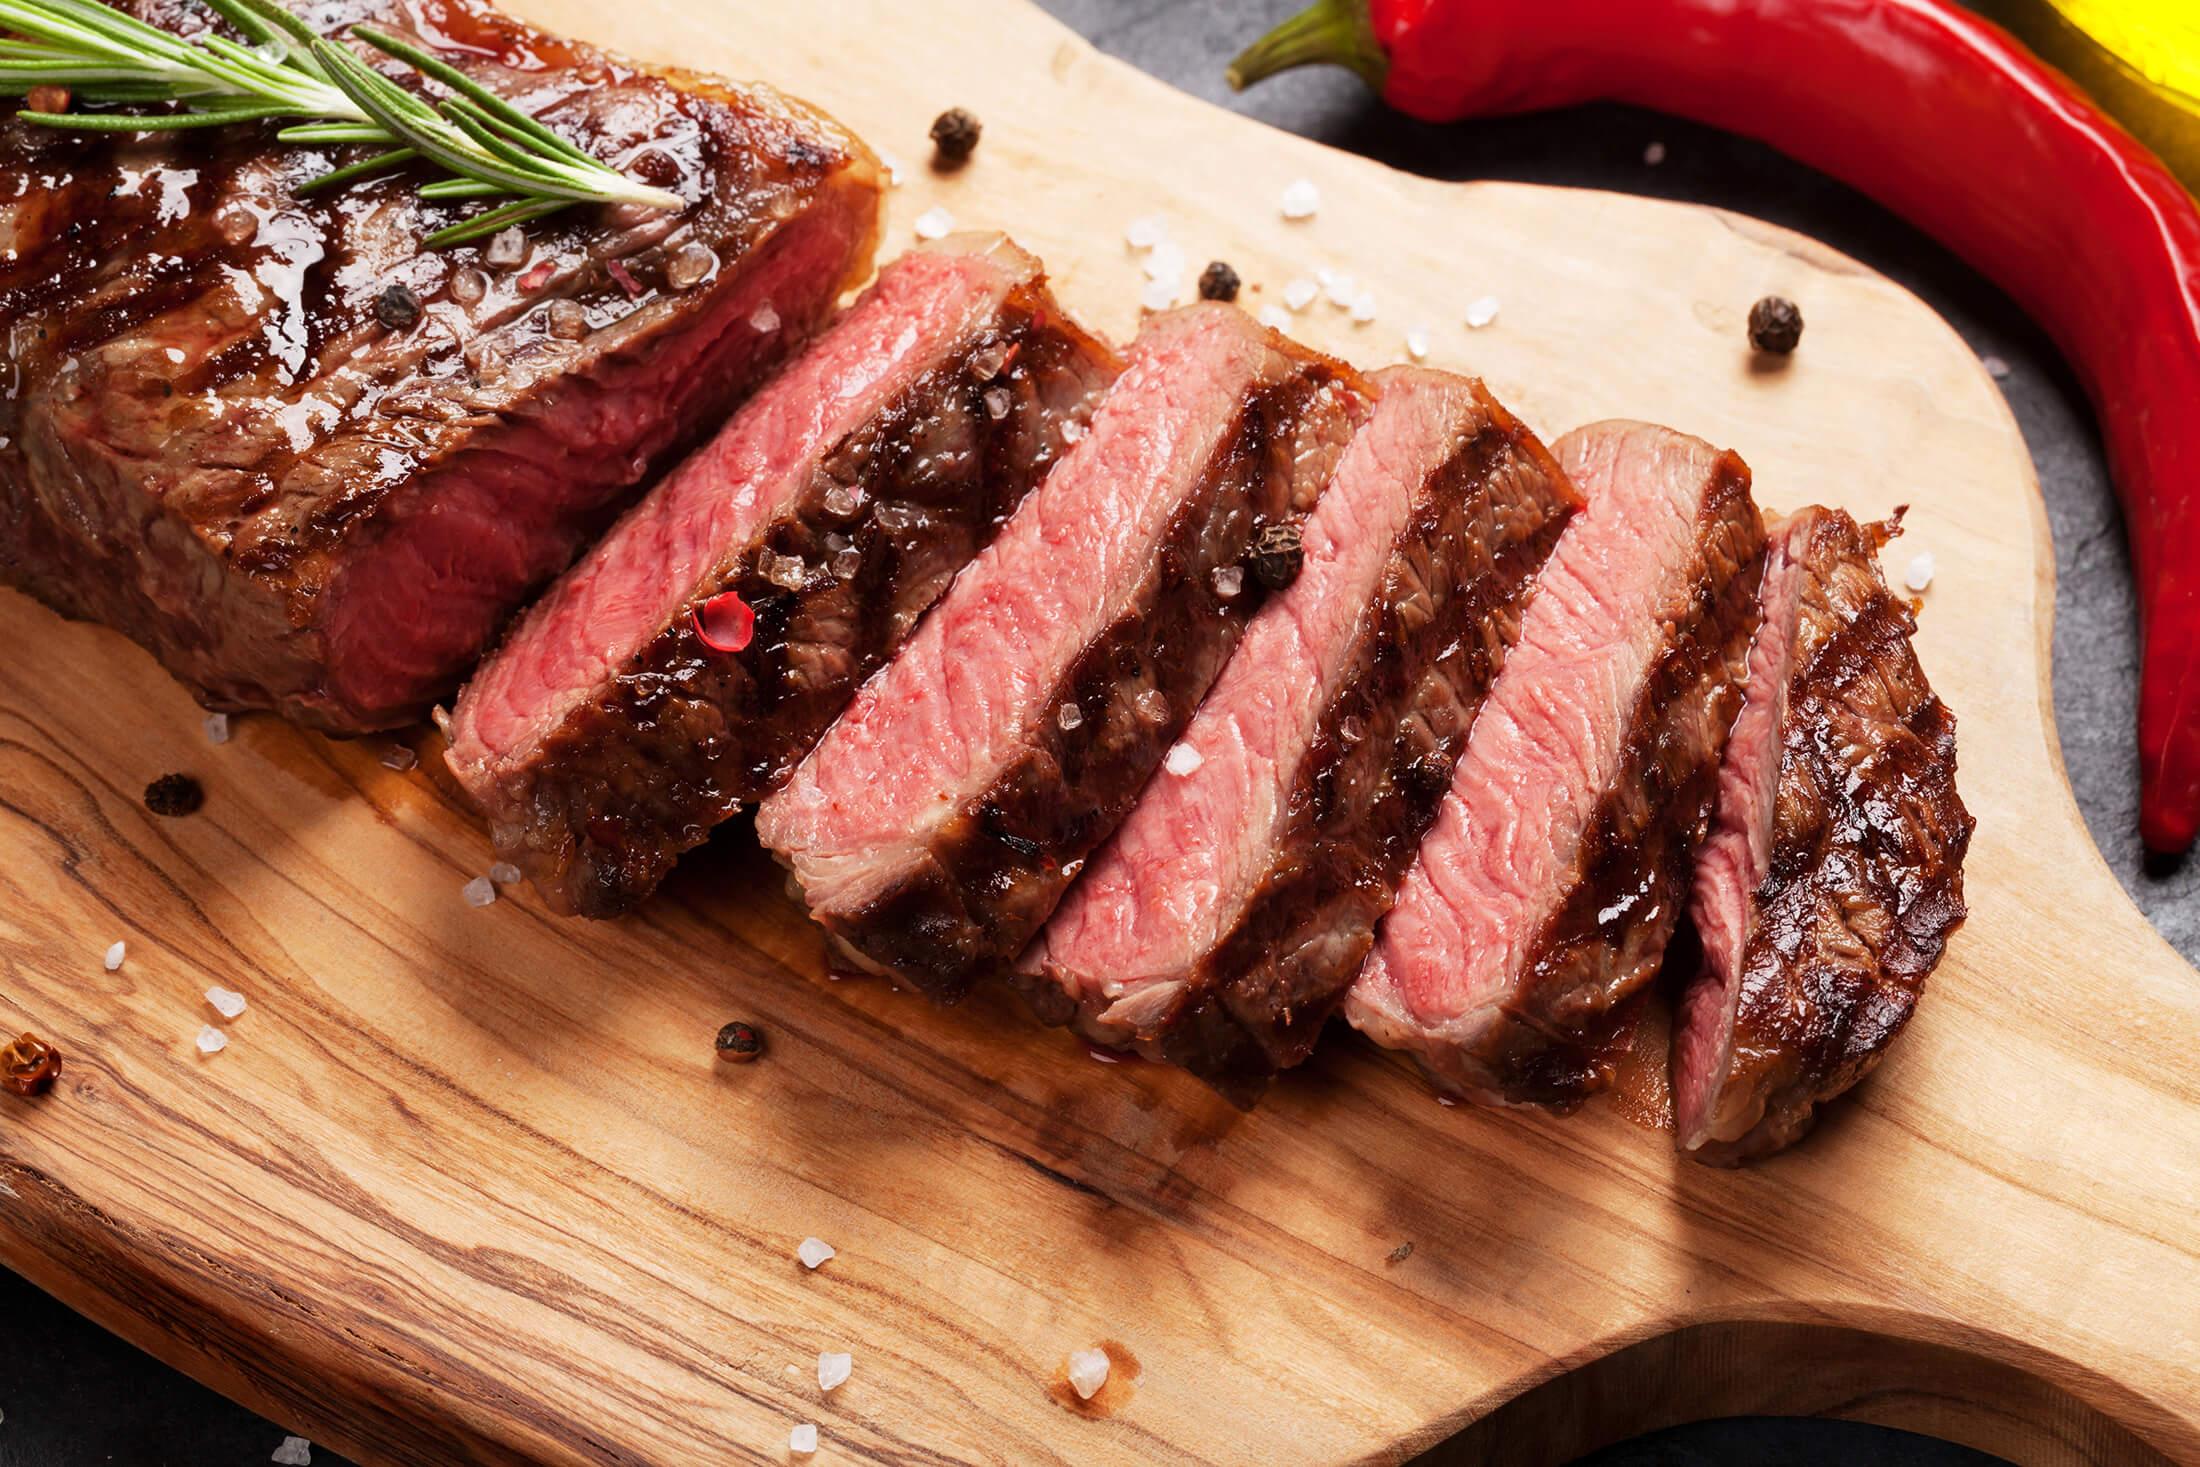 A steak on a wooden board